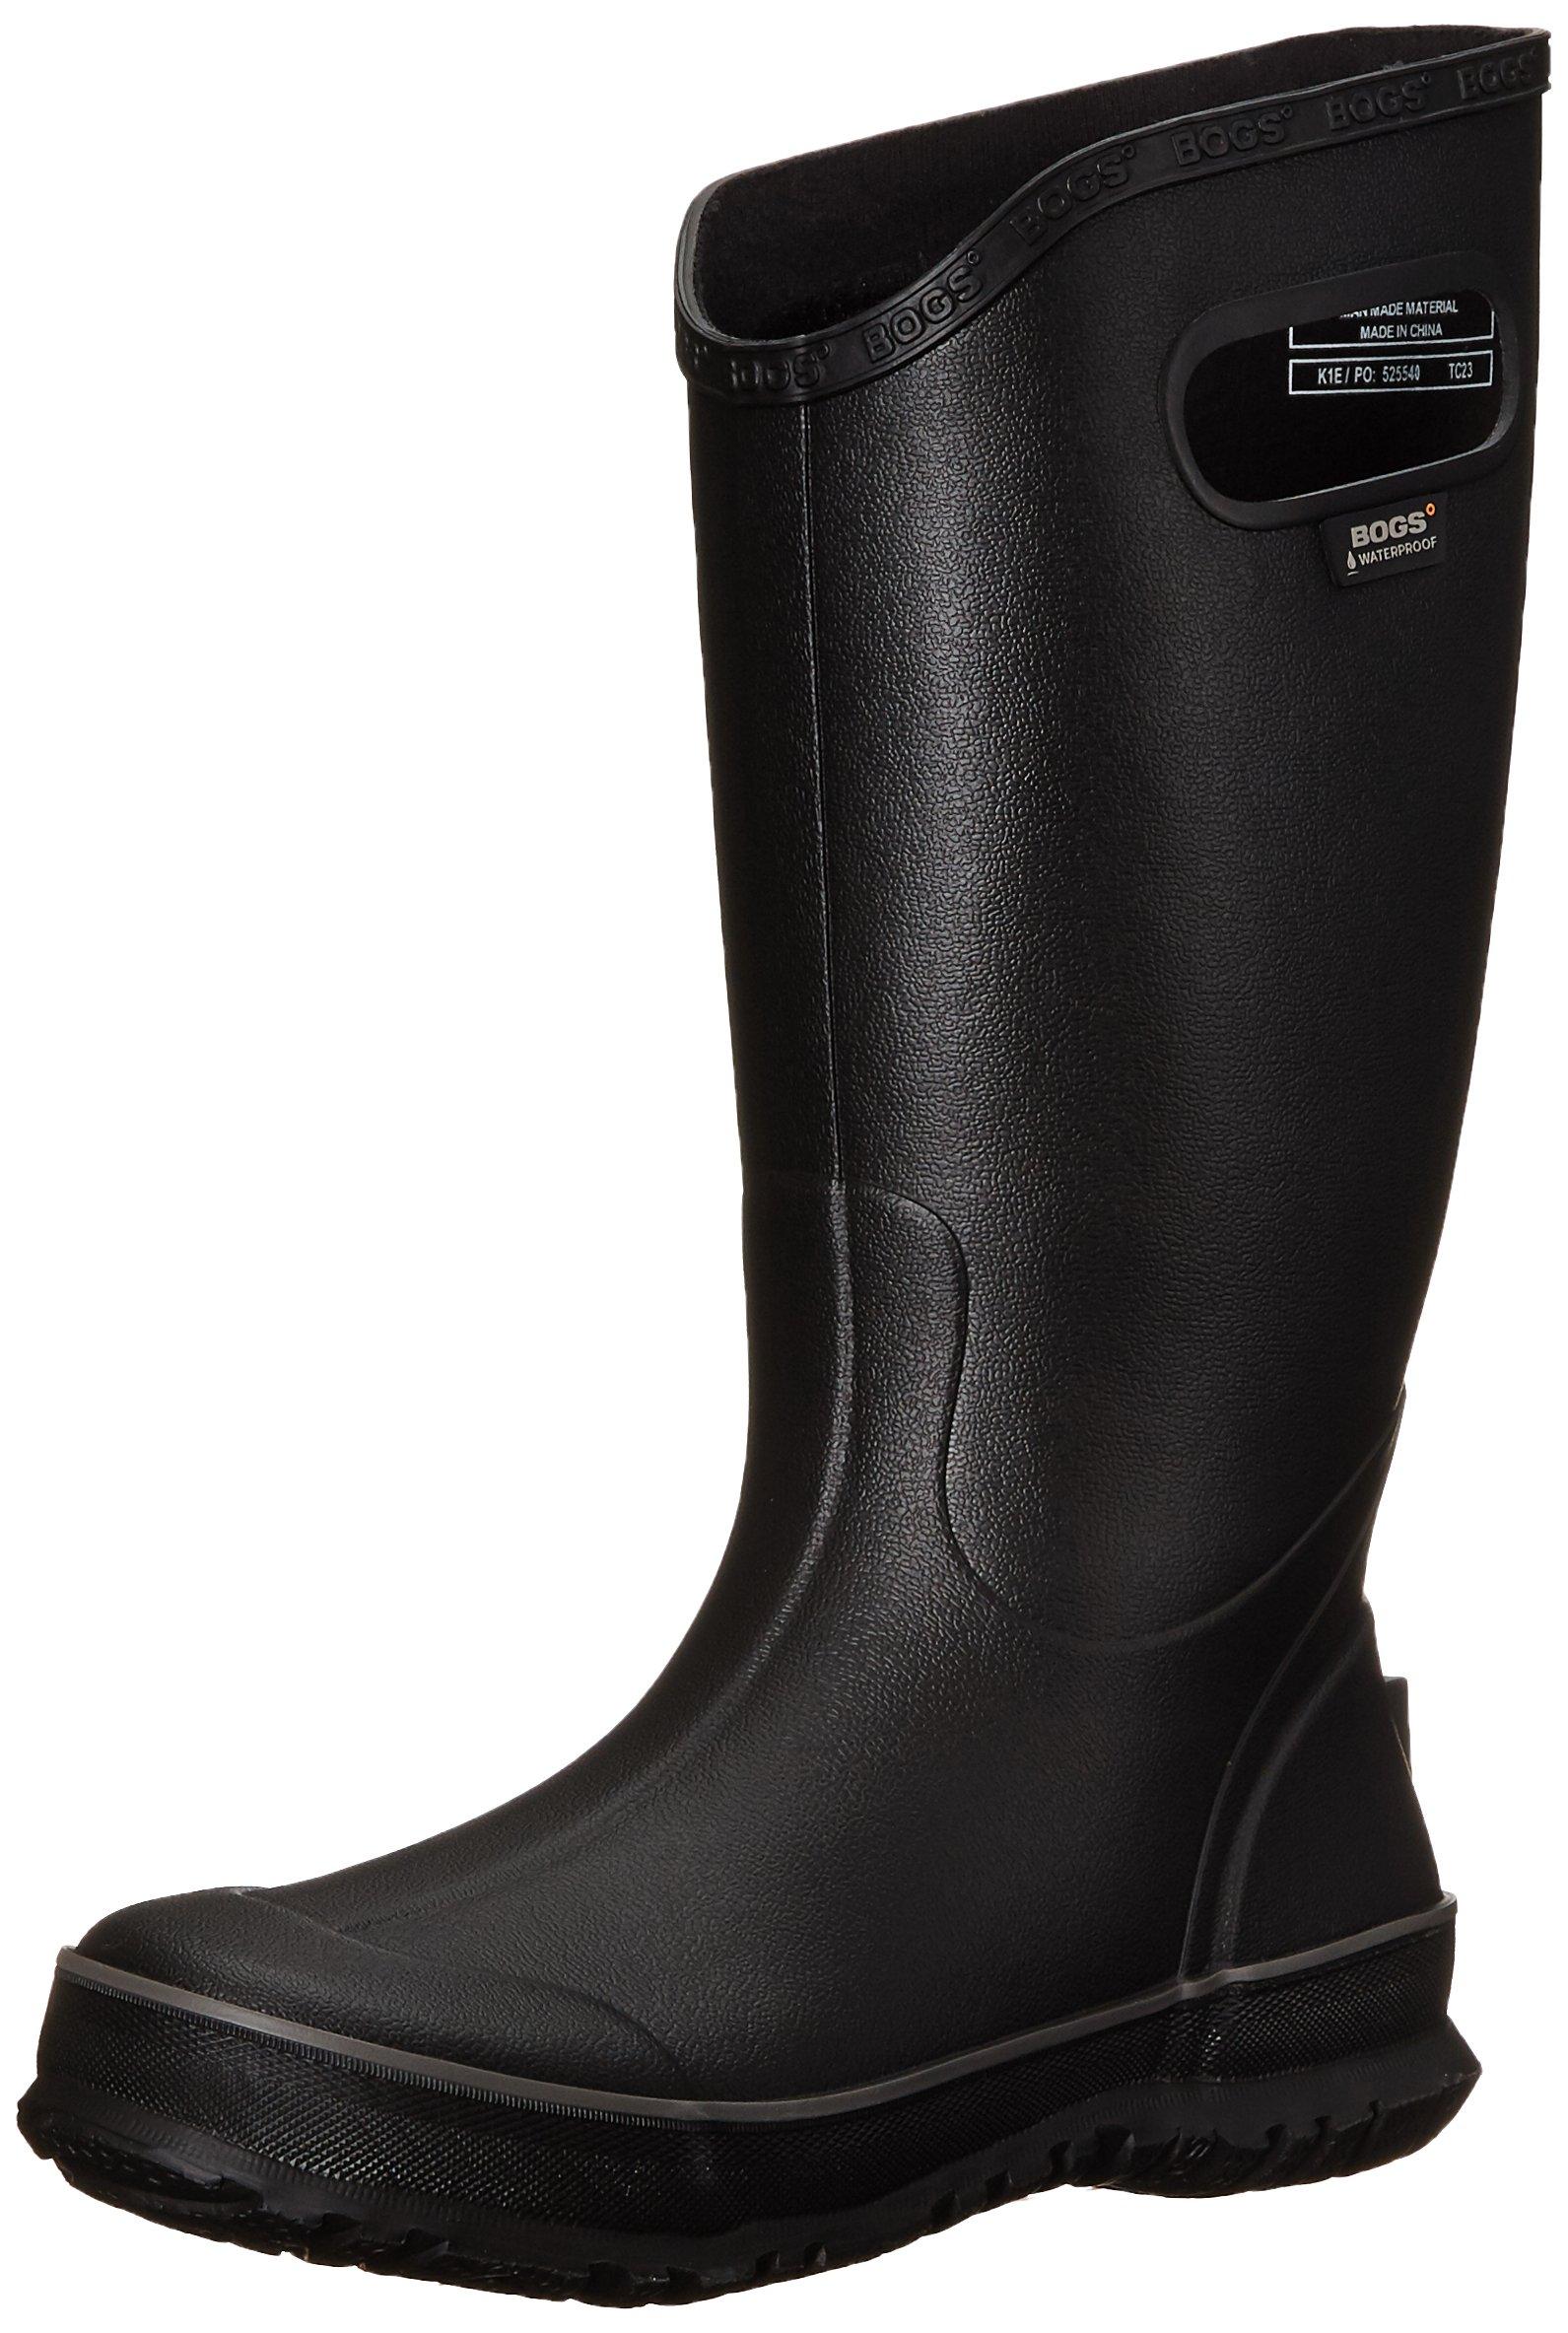 Bogs Men's Waterproof Rubber Rain Boot, Black, 11 D(M) US by BOGS